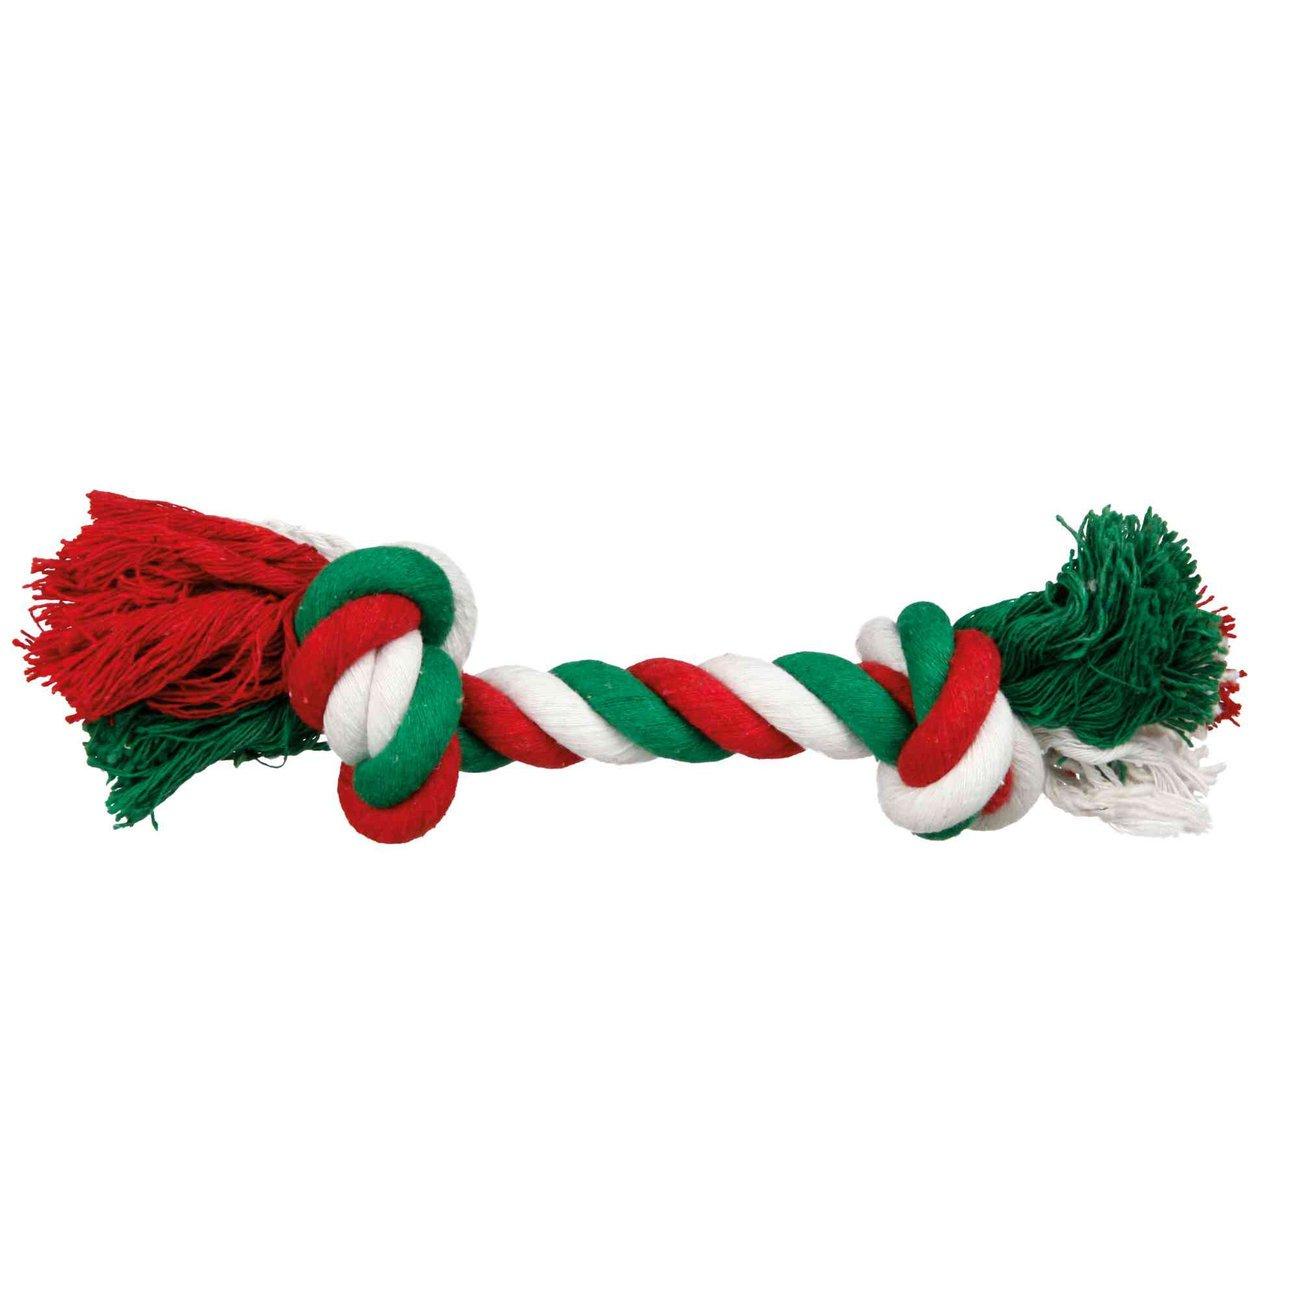 TRIXIE Weihnachtsbox Geschenkbox für Hunde 9265, Bild 4